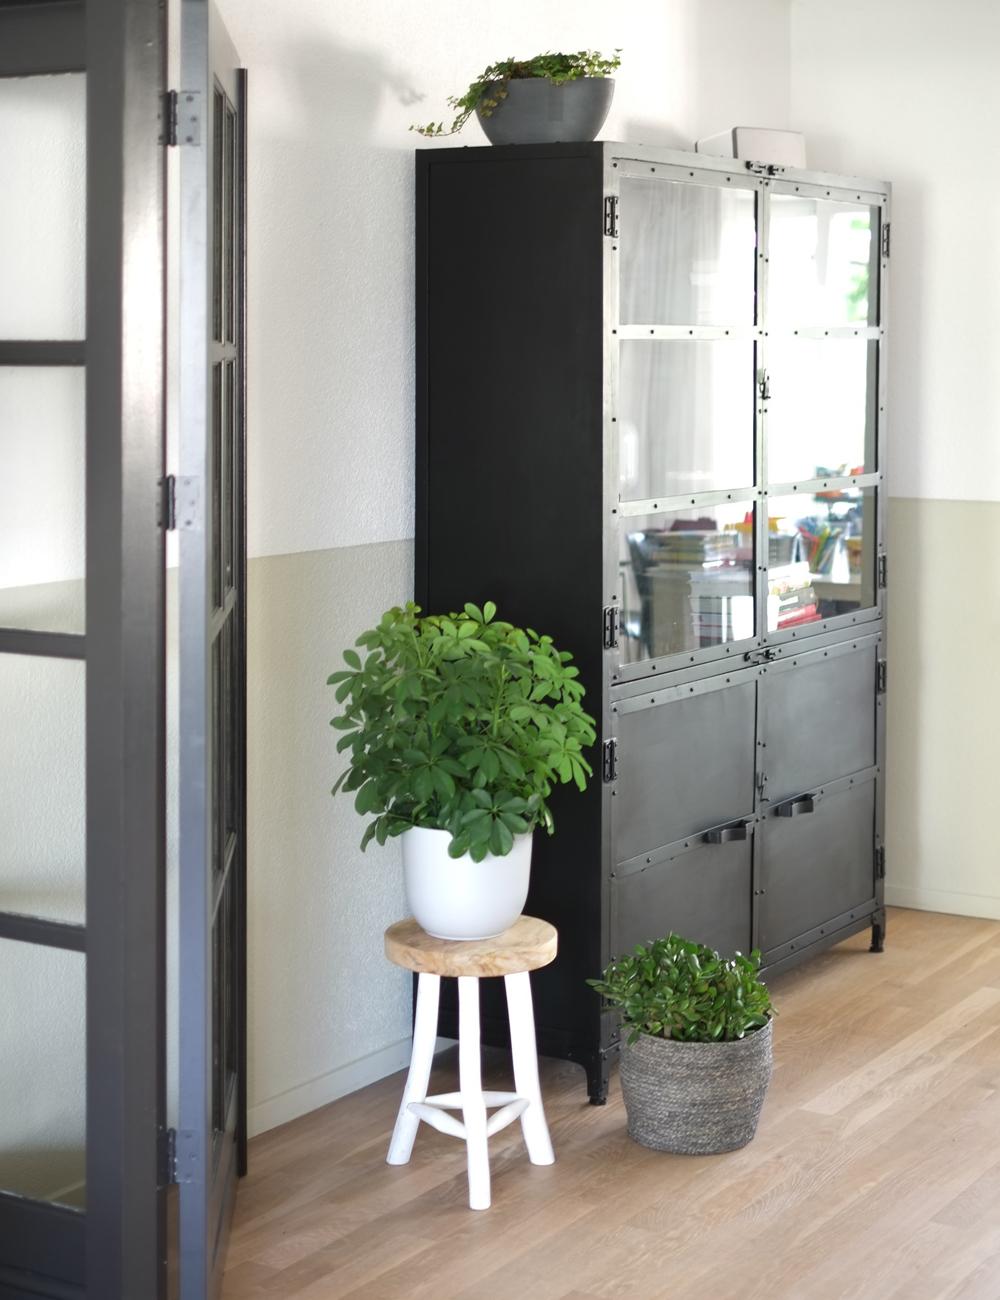 interieuradvies-interieurstyling-nieuwbouwwoning-houten